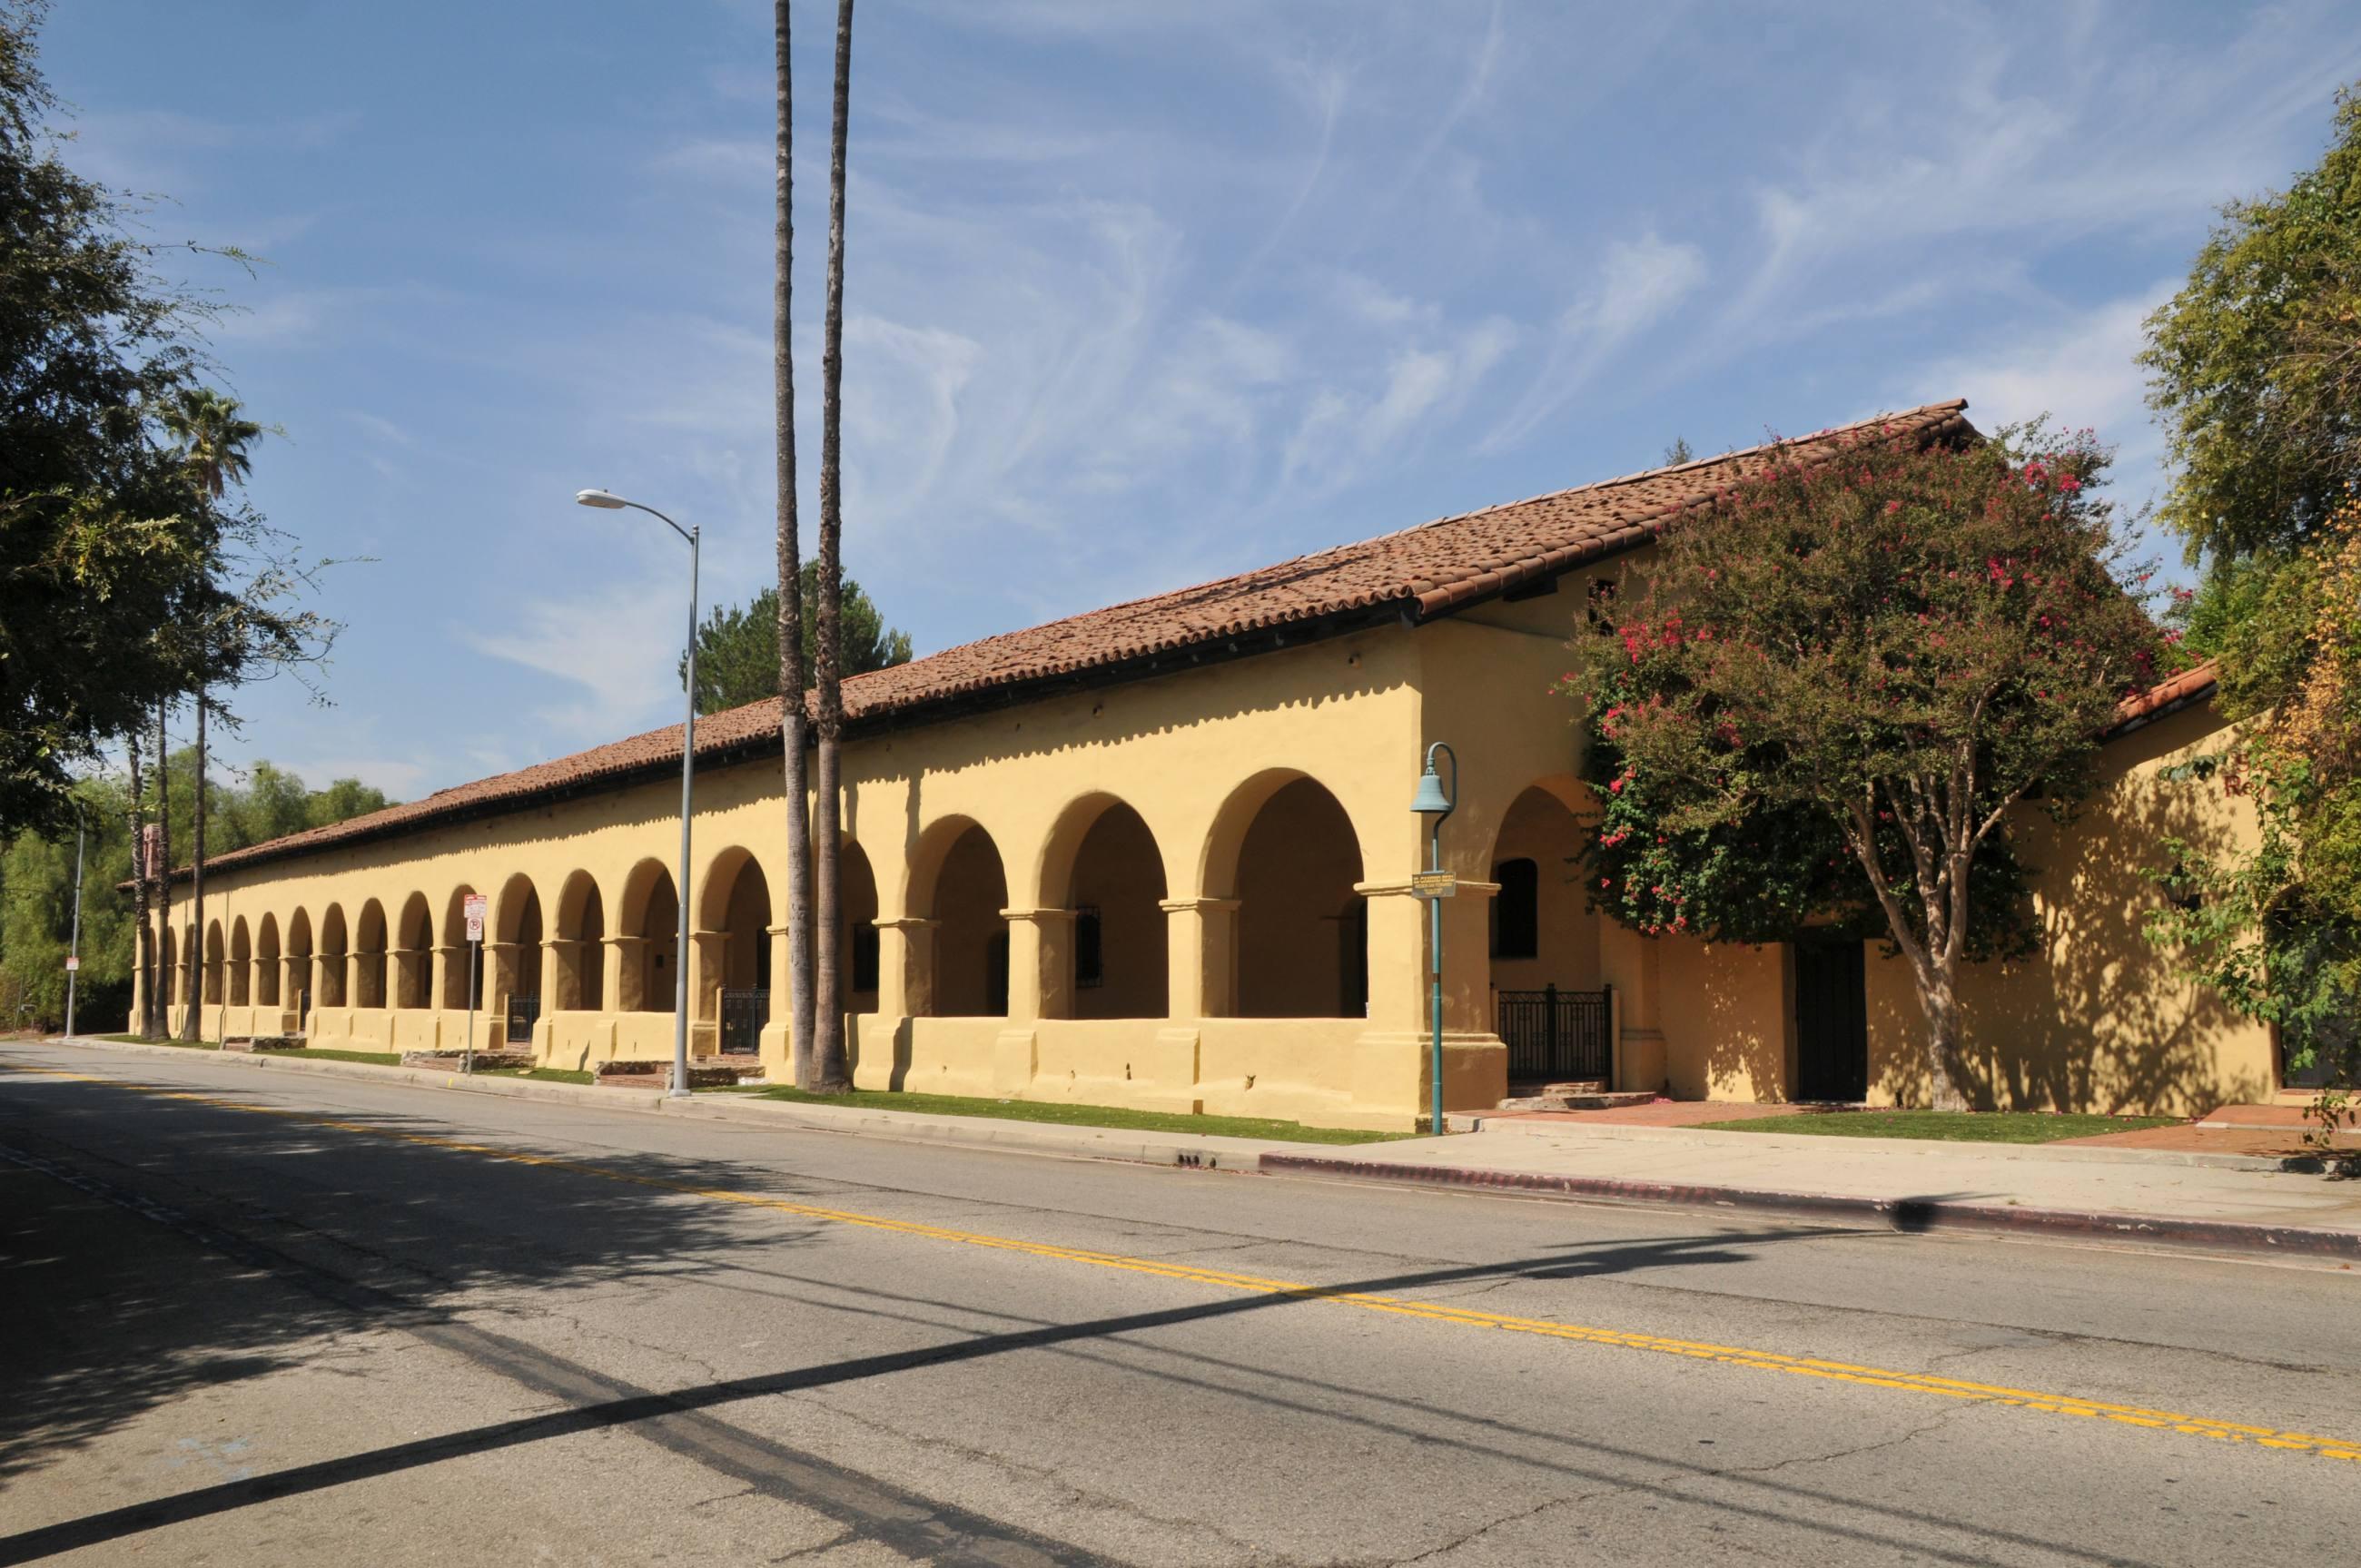 Convento Building at Mission San Fernando Rey de España